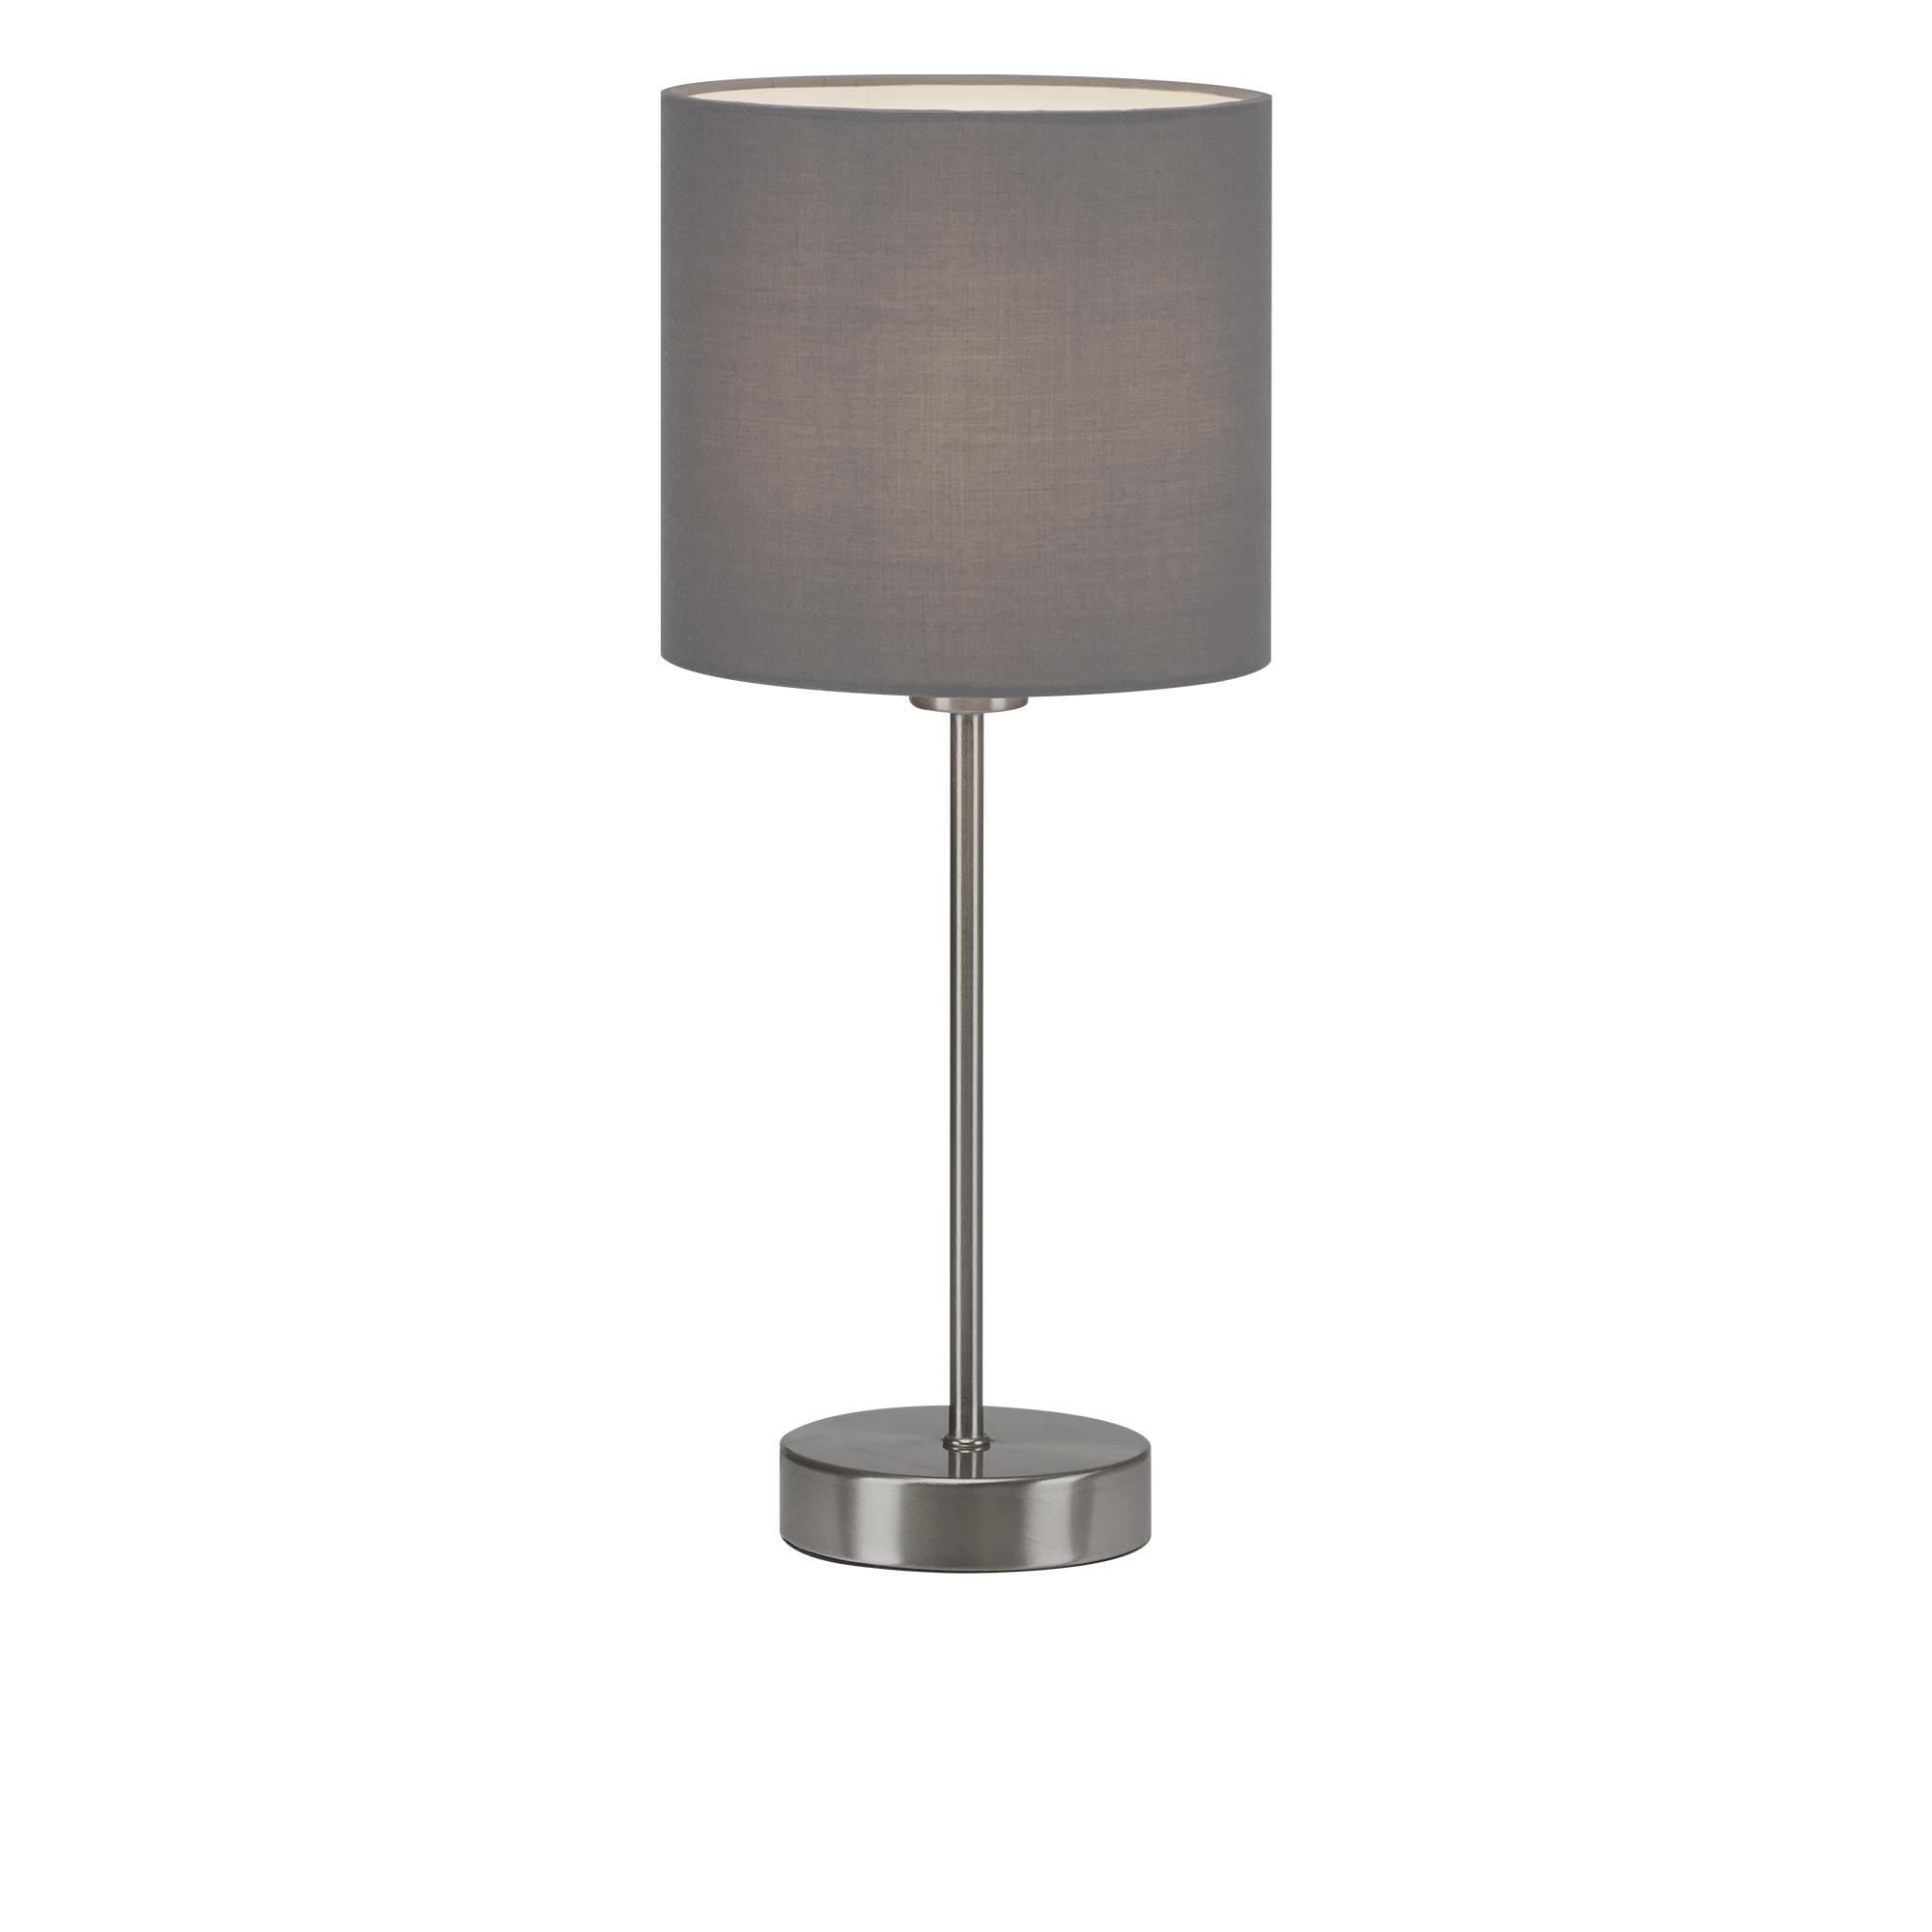 Tischleuchte, max. 25 W, 38,5 cm, Grau